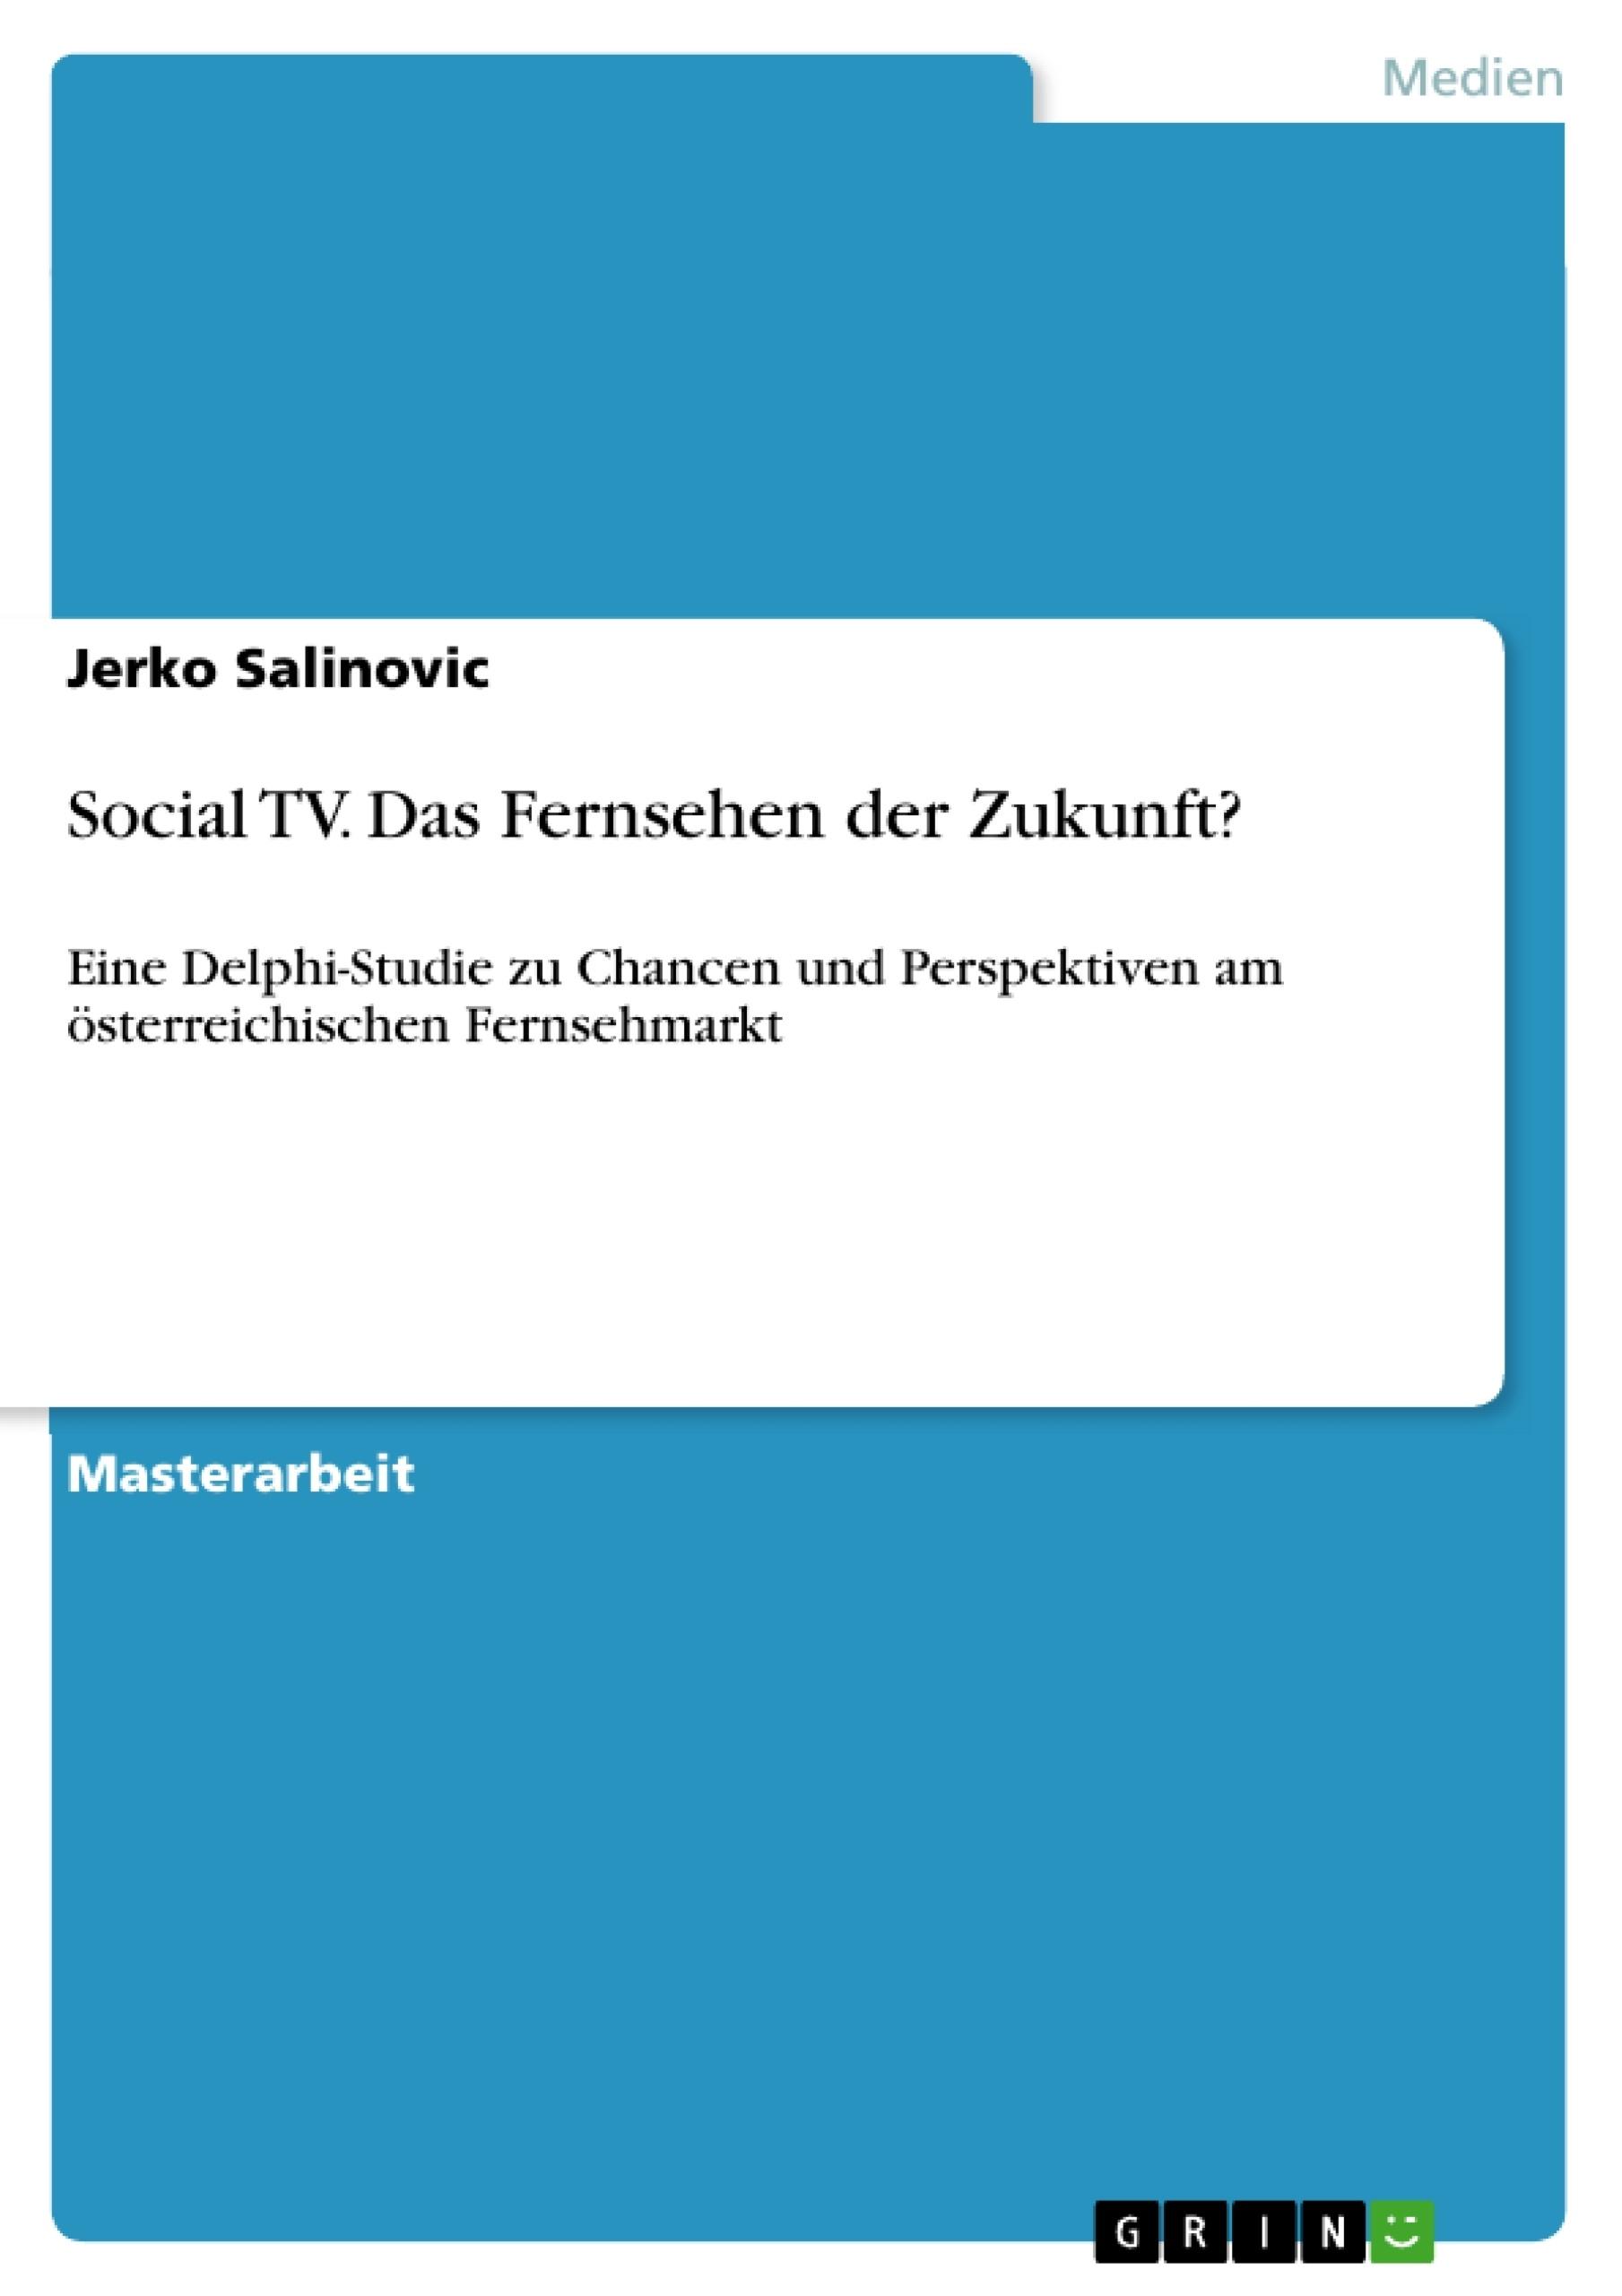 Titel: Social TV. Das Fernsehen der Zukunft?